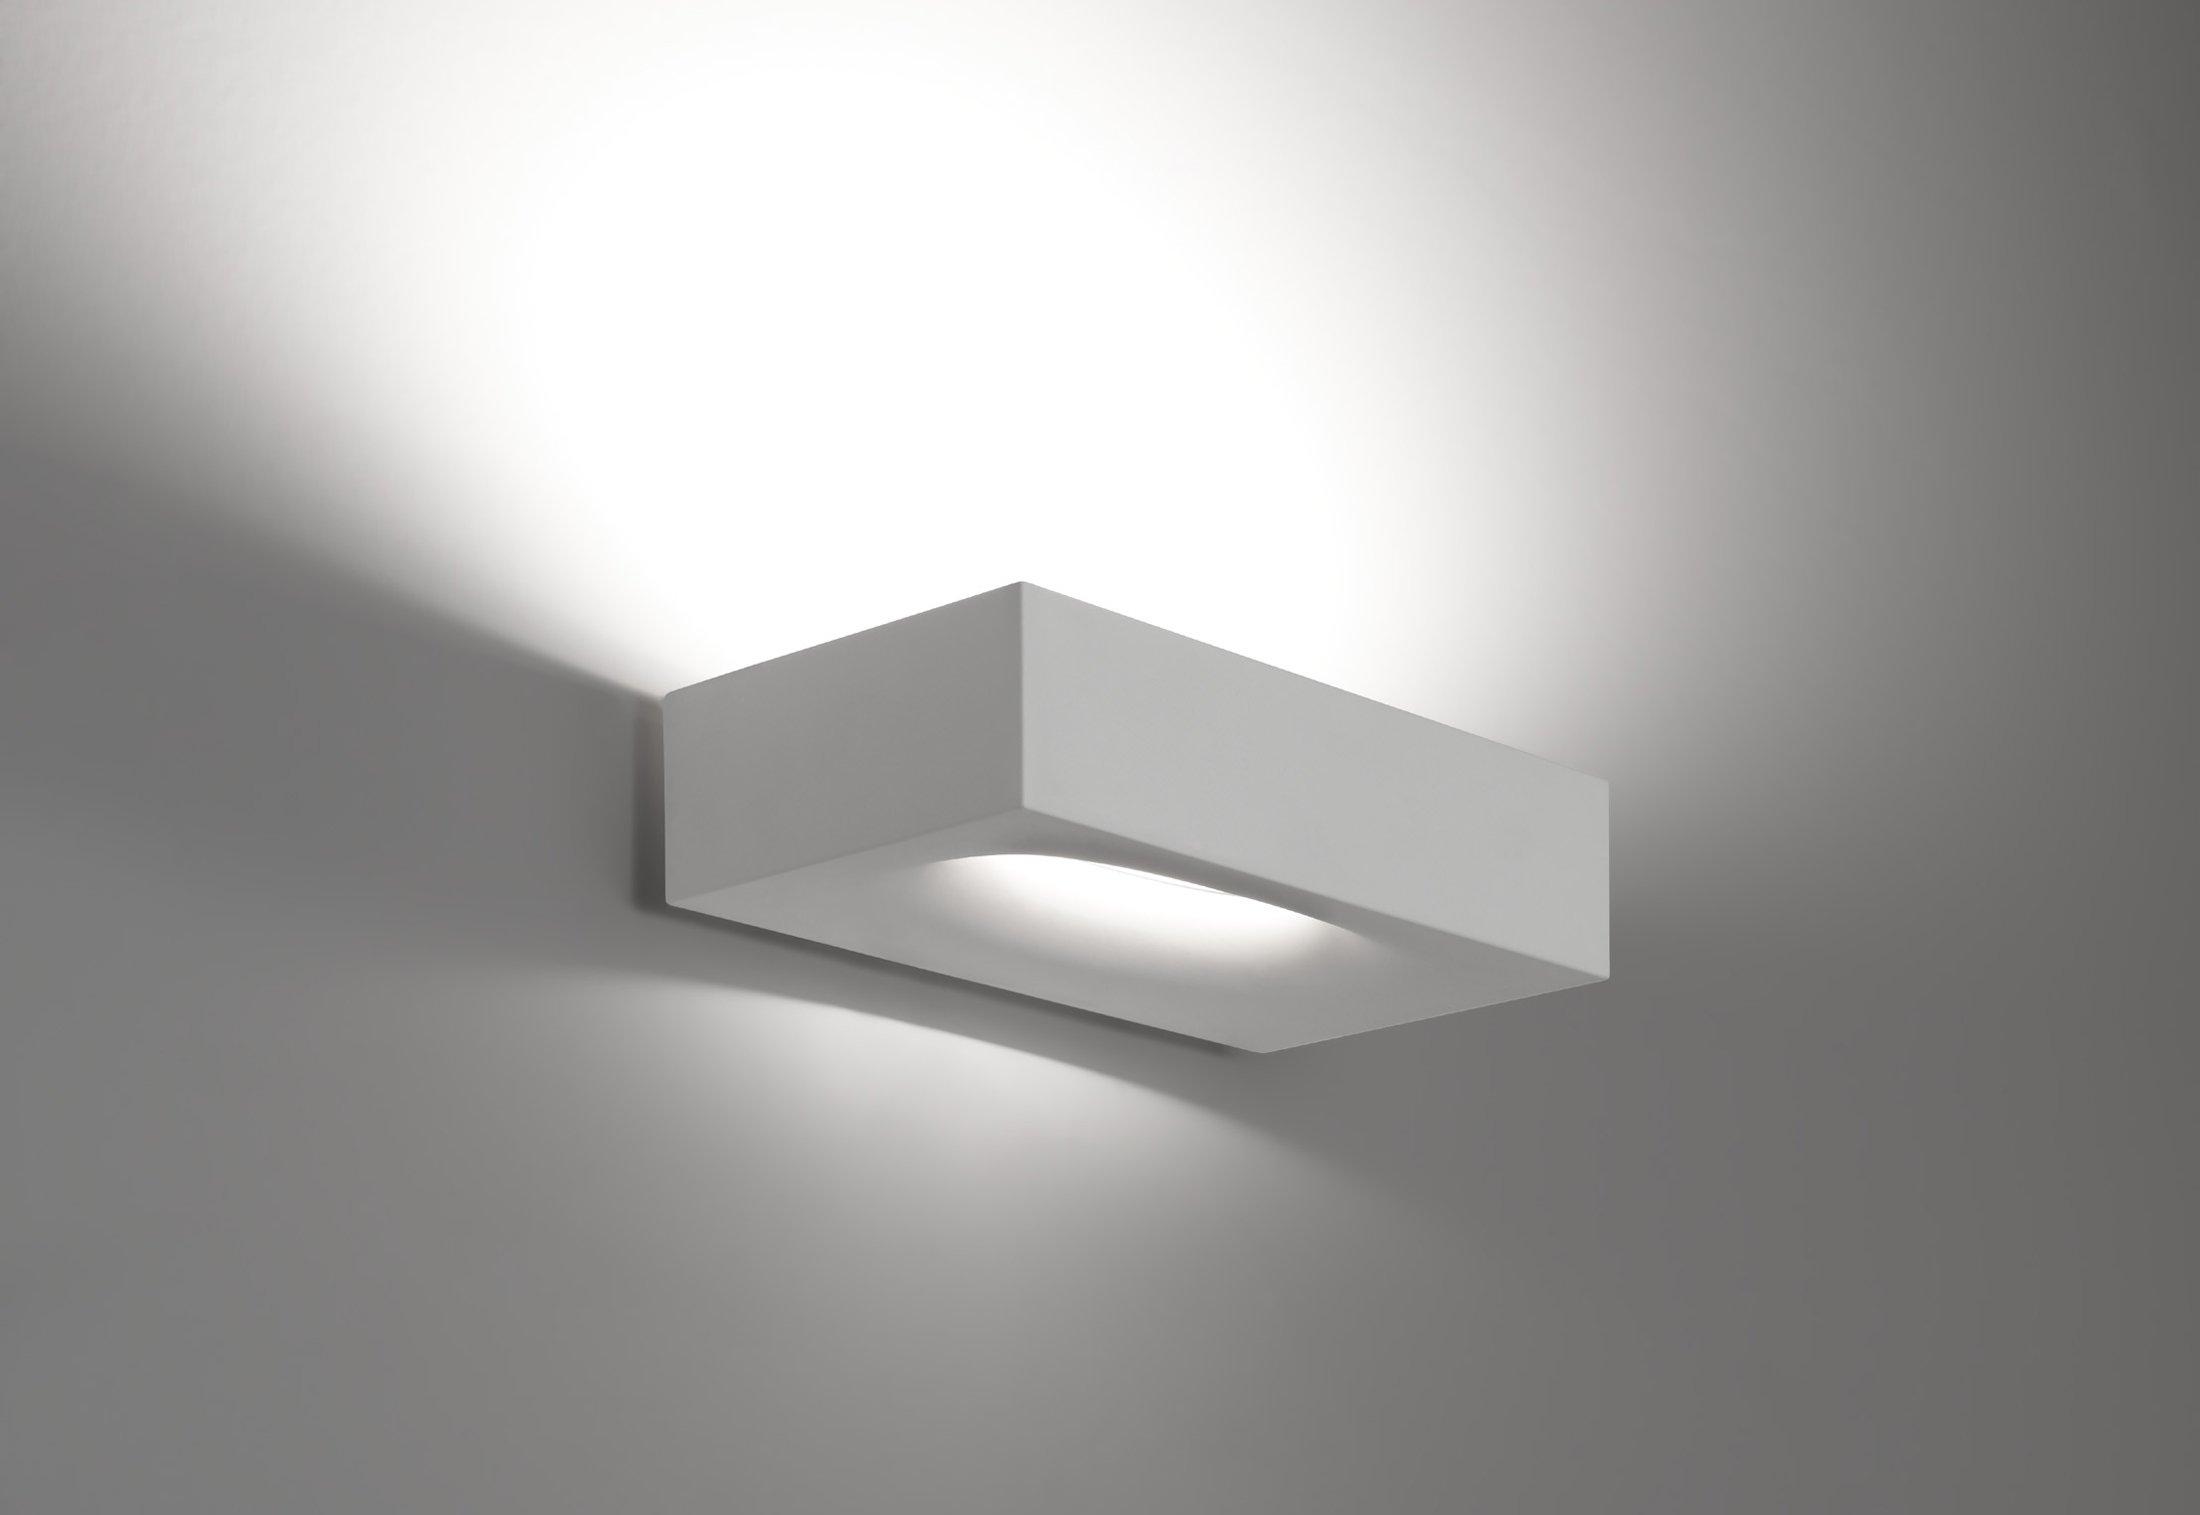 Illuminazione Ikea Applique: Guarda le foto e leggi l articolo.